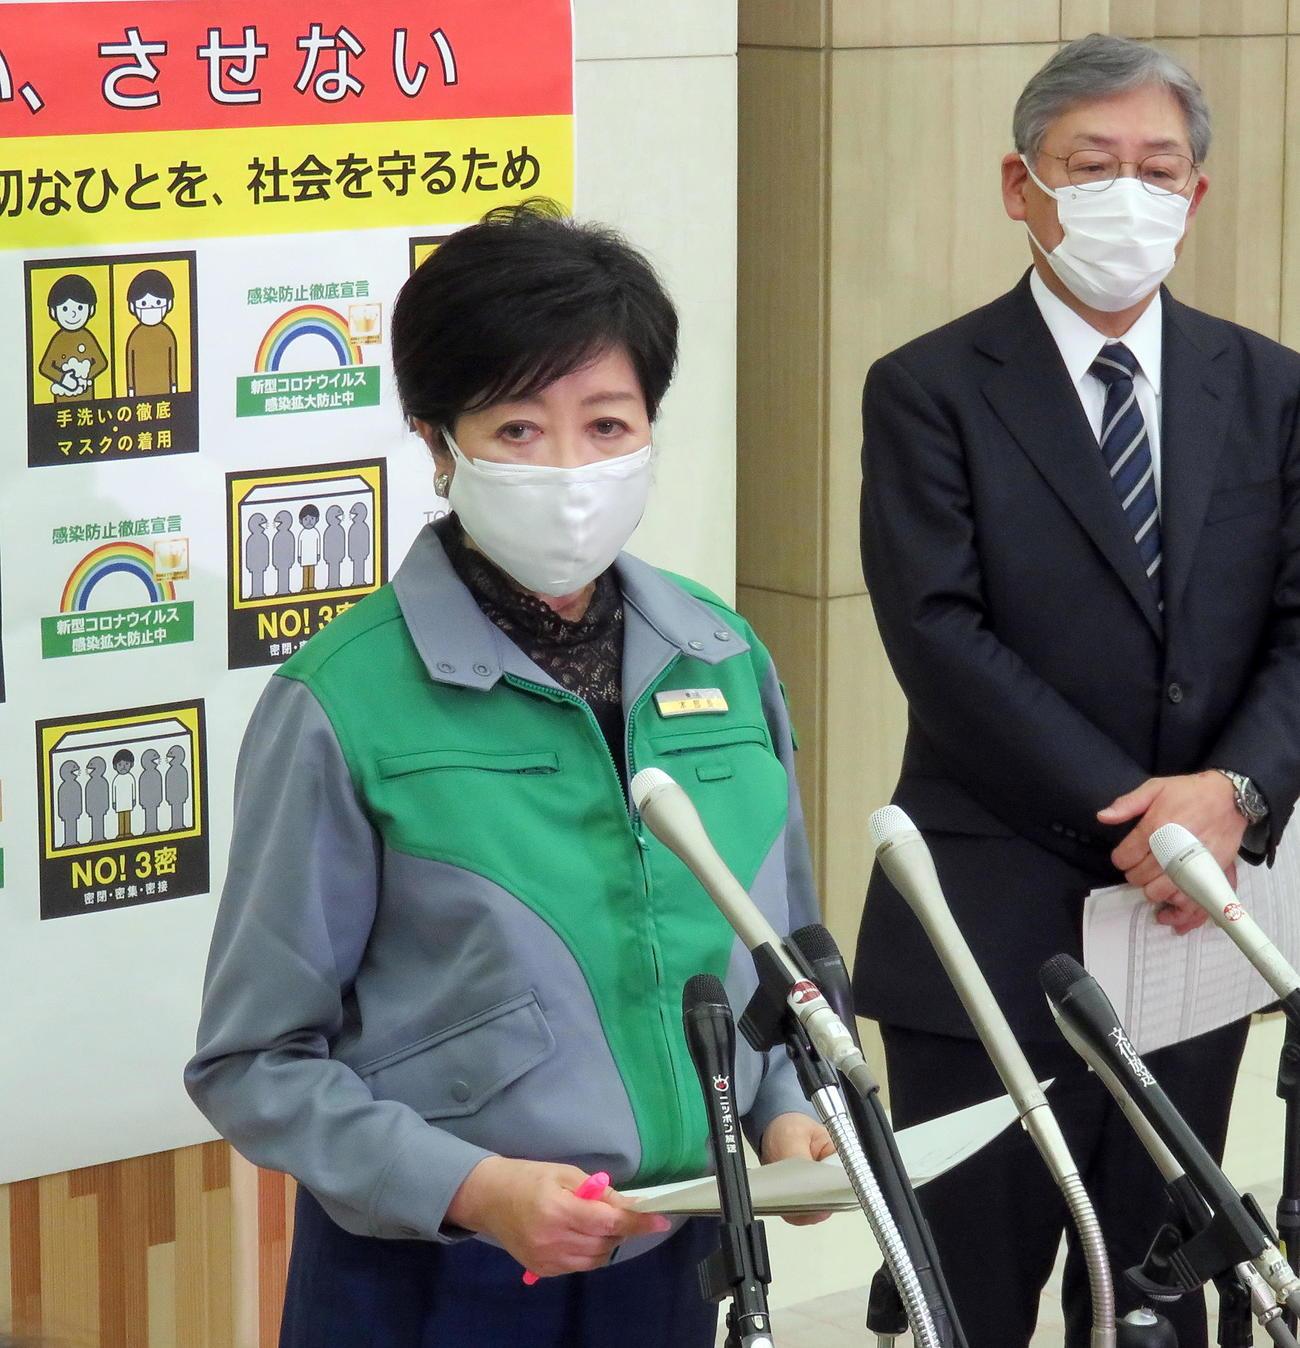 東京都新型コロナウイルス感染症モニタリング会議後に取材対応する小池知事(撮影・鎌田直秀)